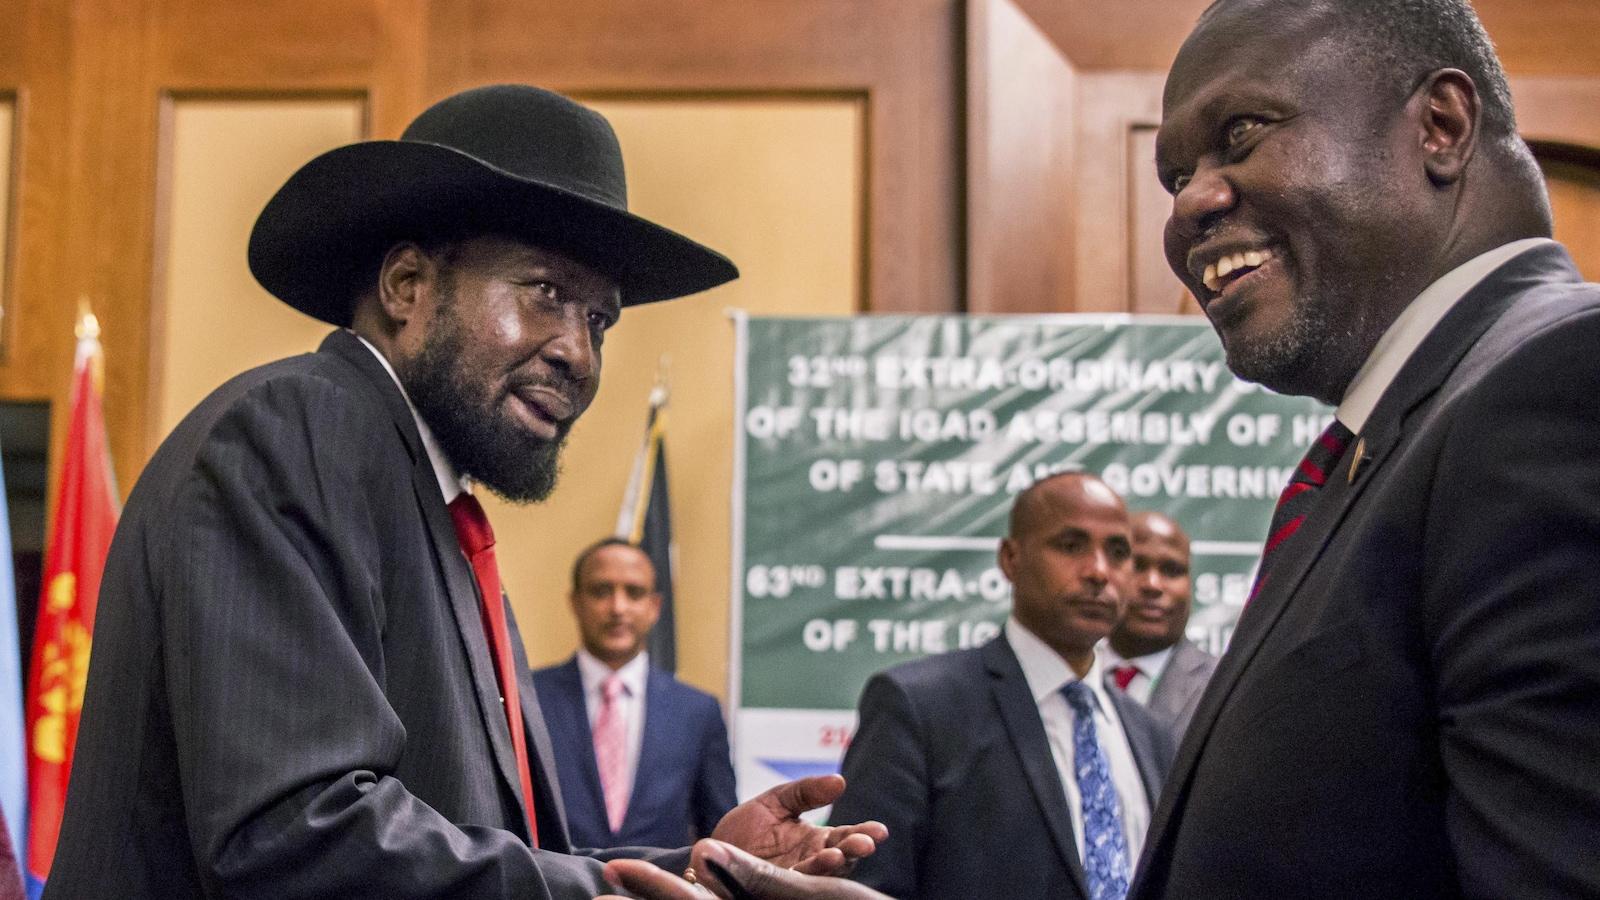 Le président du Soudan Sud, Salva Kiir (gauche), avec Riek Machar, son ancien rival qui devrait devenir vice-président